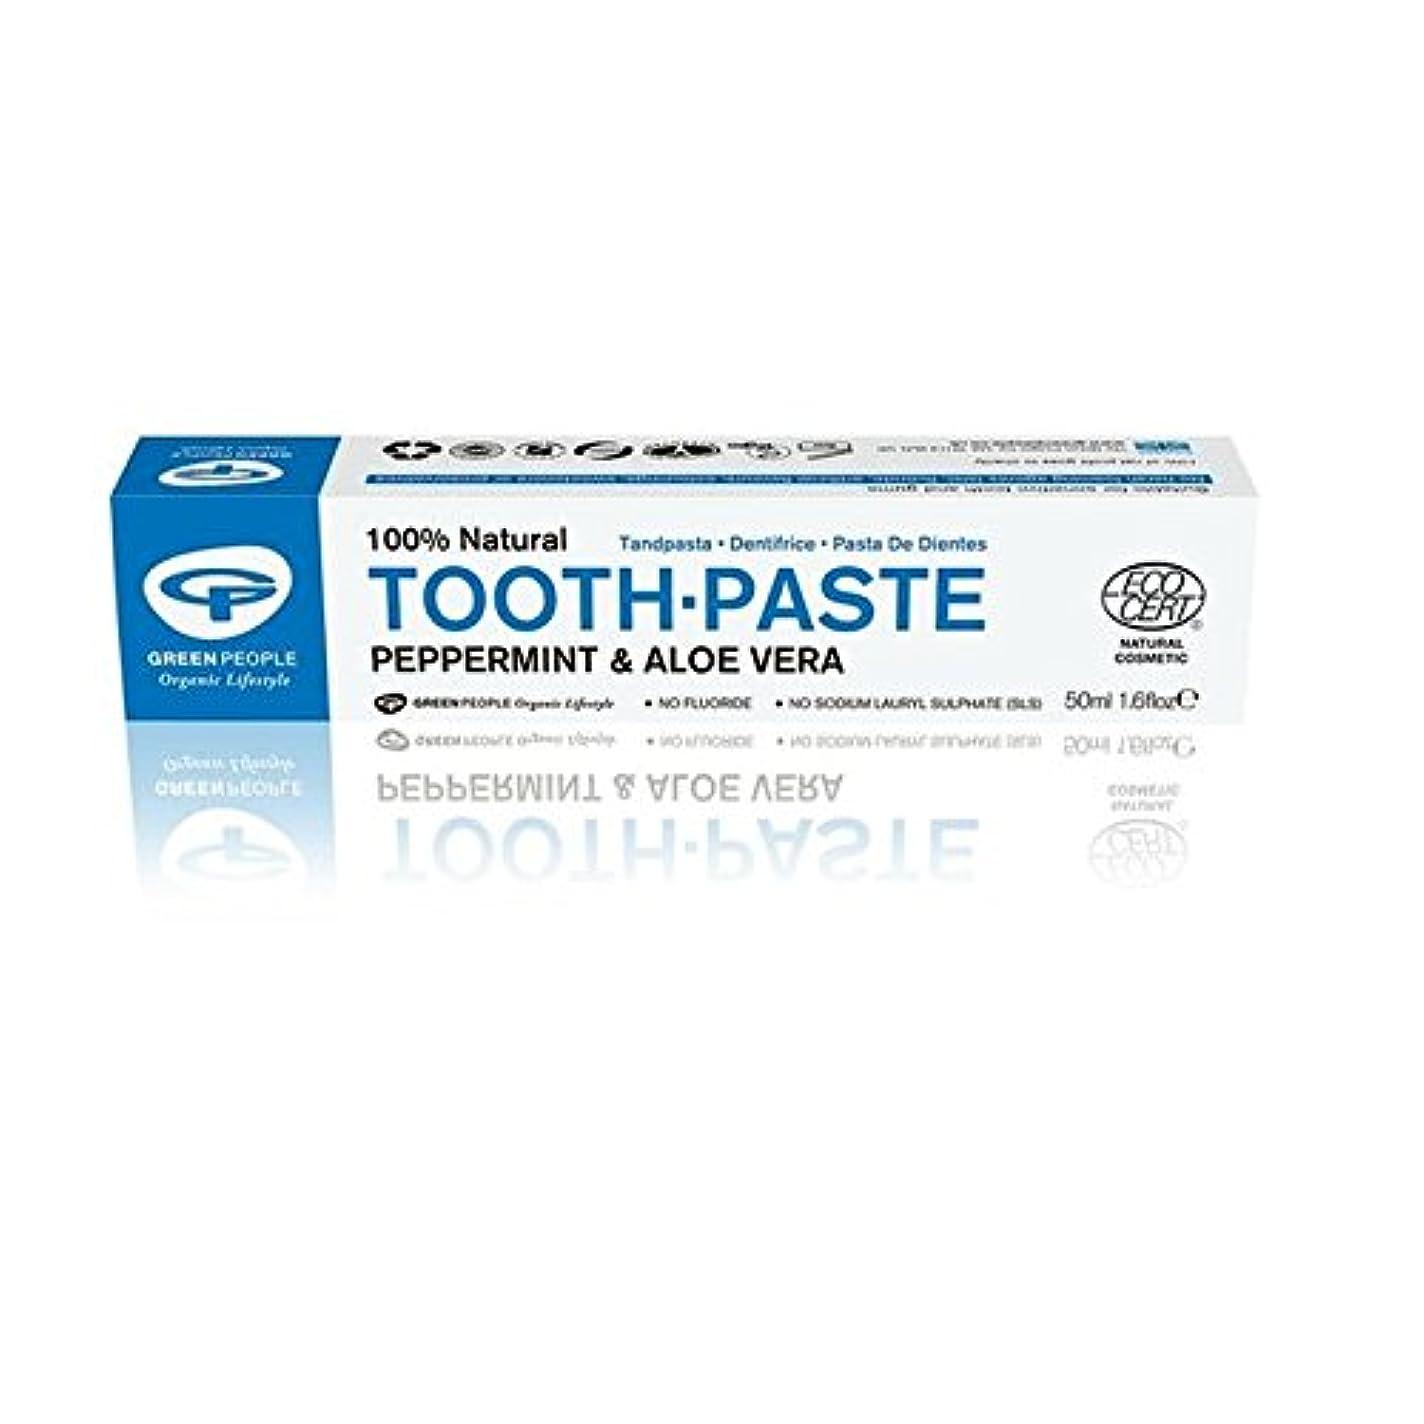 励起満了ブラウザ緑の人々の自然ミント歯磨き粉50ミリリットル x2 - Green People Natural Mint Toothpaste 50ml (Pack of 2) [並行輸入品]